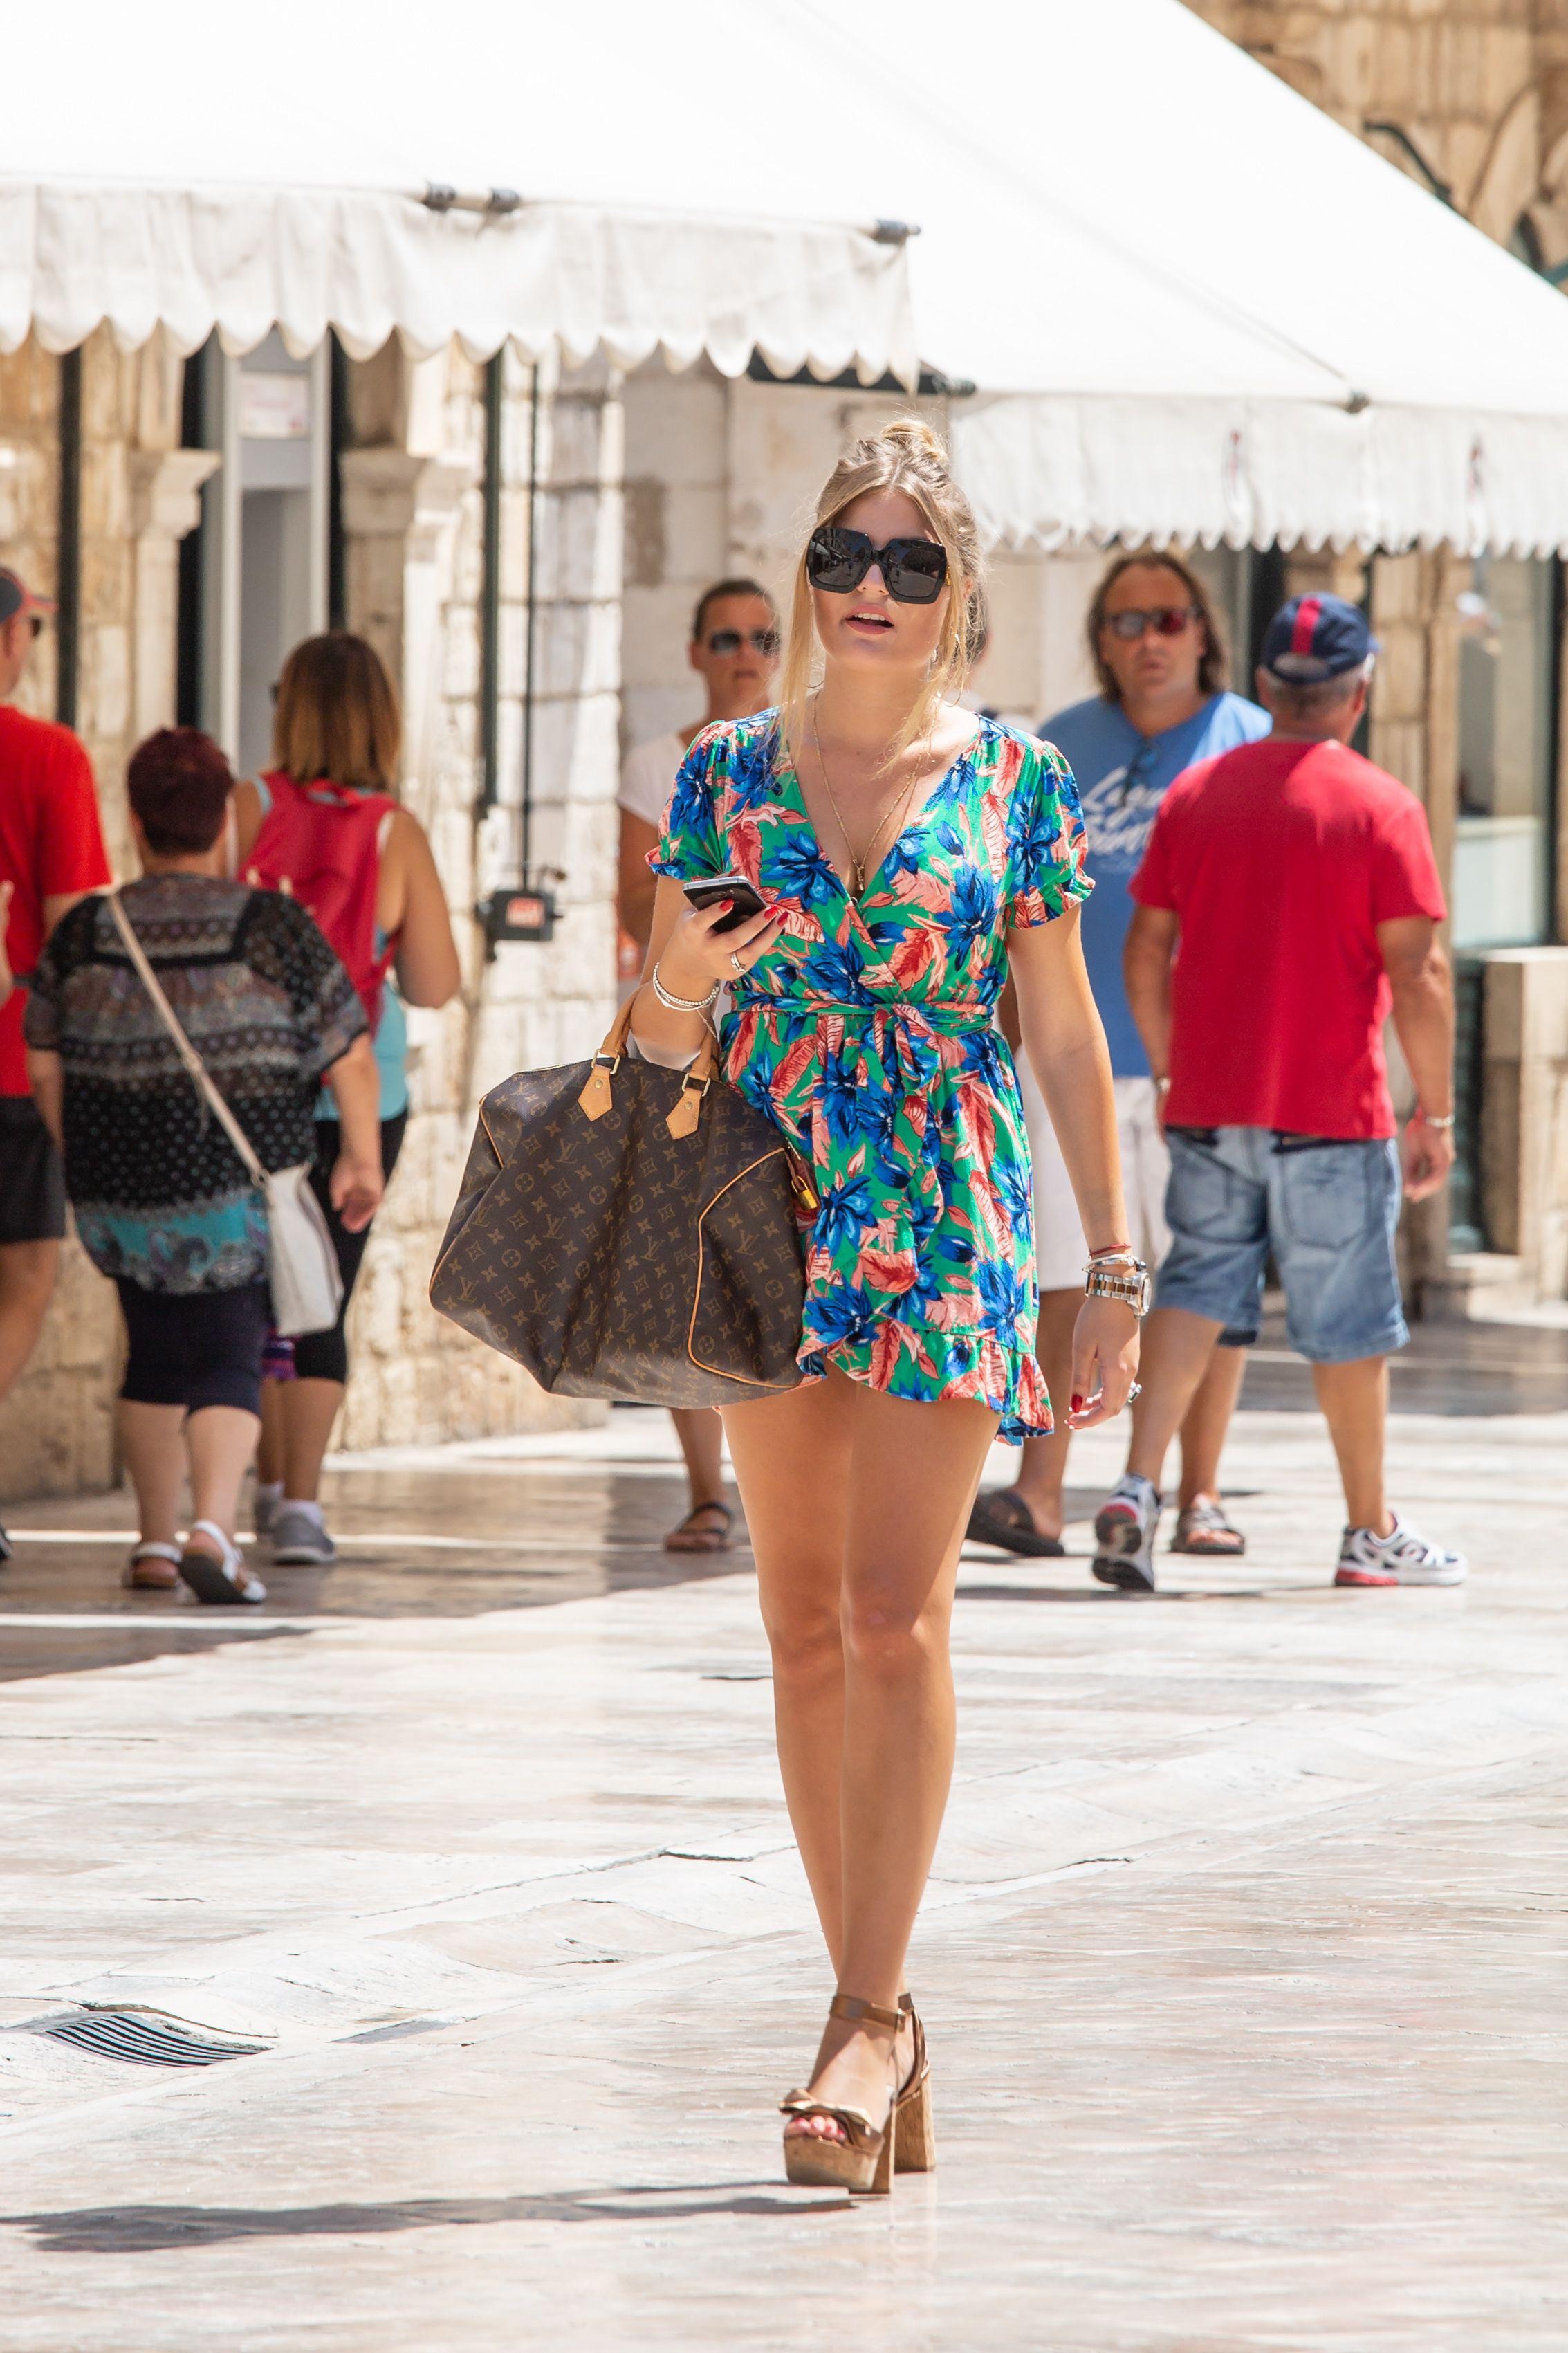 Jesu li se velike torbe s logom Louis Vuitton vratile u modu? Djevojke ih baš vole